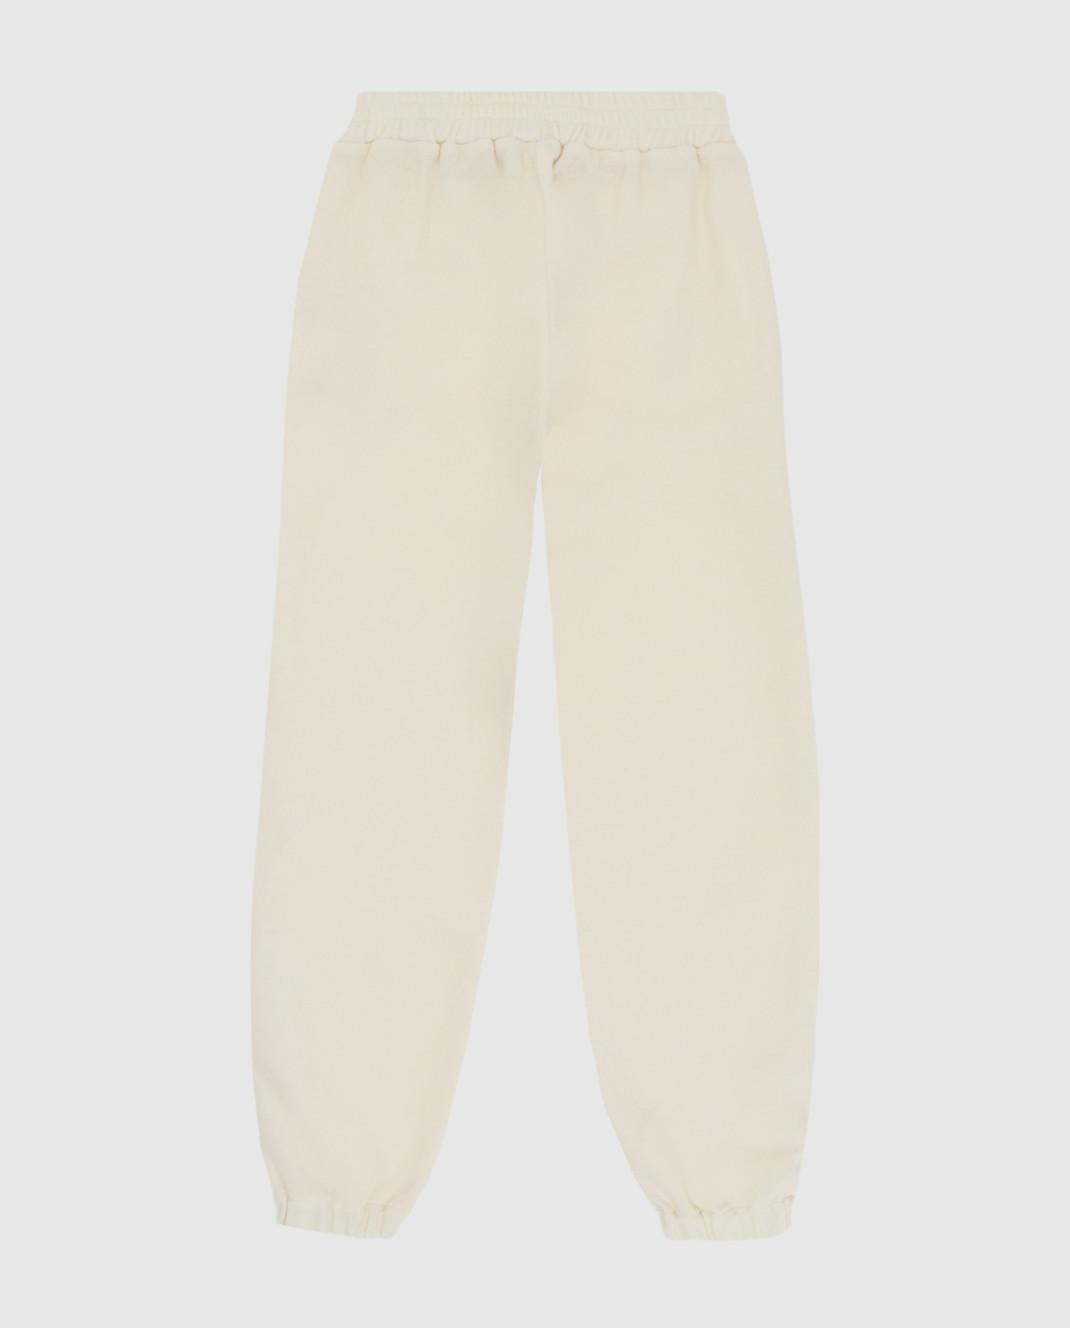 Ermanno Scervino Детские светло-бежевые спортивные брюки из шерсти PL071016 изображение 2